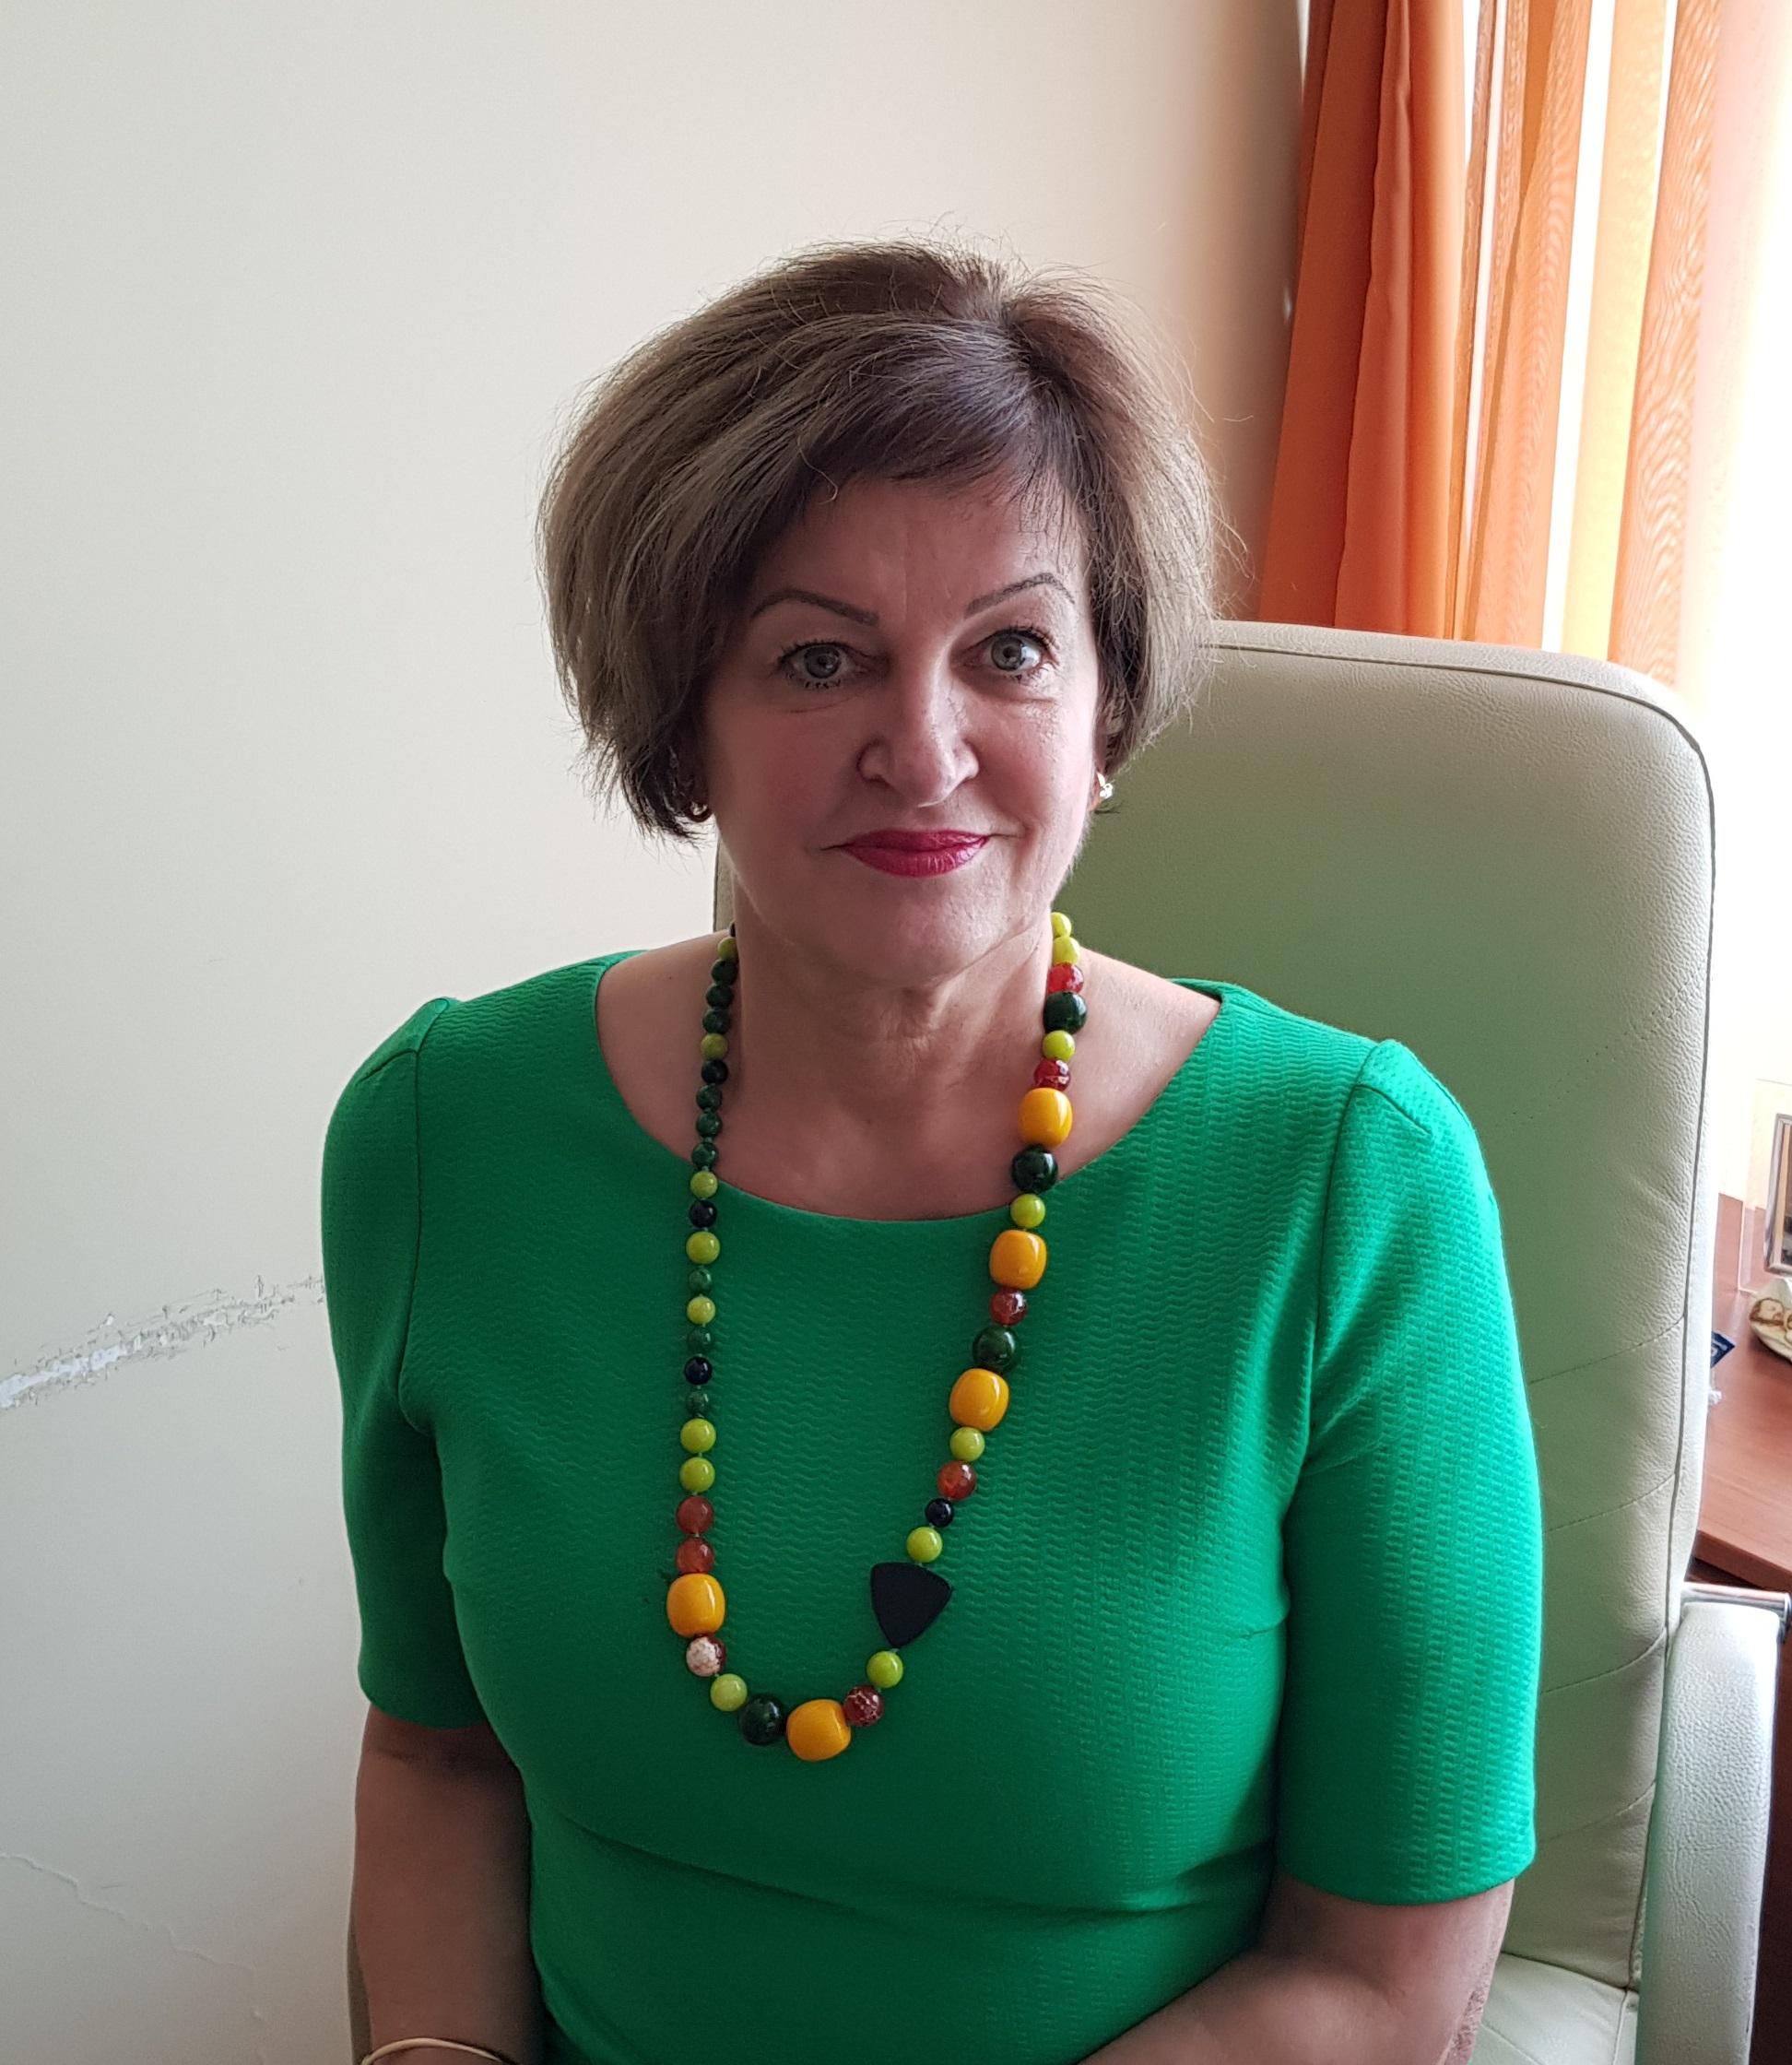 Žinoma Kėdainių pedagogė Zita Petrokienė puoselėja idėją sukurti ne tik privatų alternatyvaus ugdymo vaikų darželį, bet ir organizuoti popamokinį vaikų užimtumą, stovyklas atostogų metu. A. Kasparavičiaus nuotr.